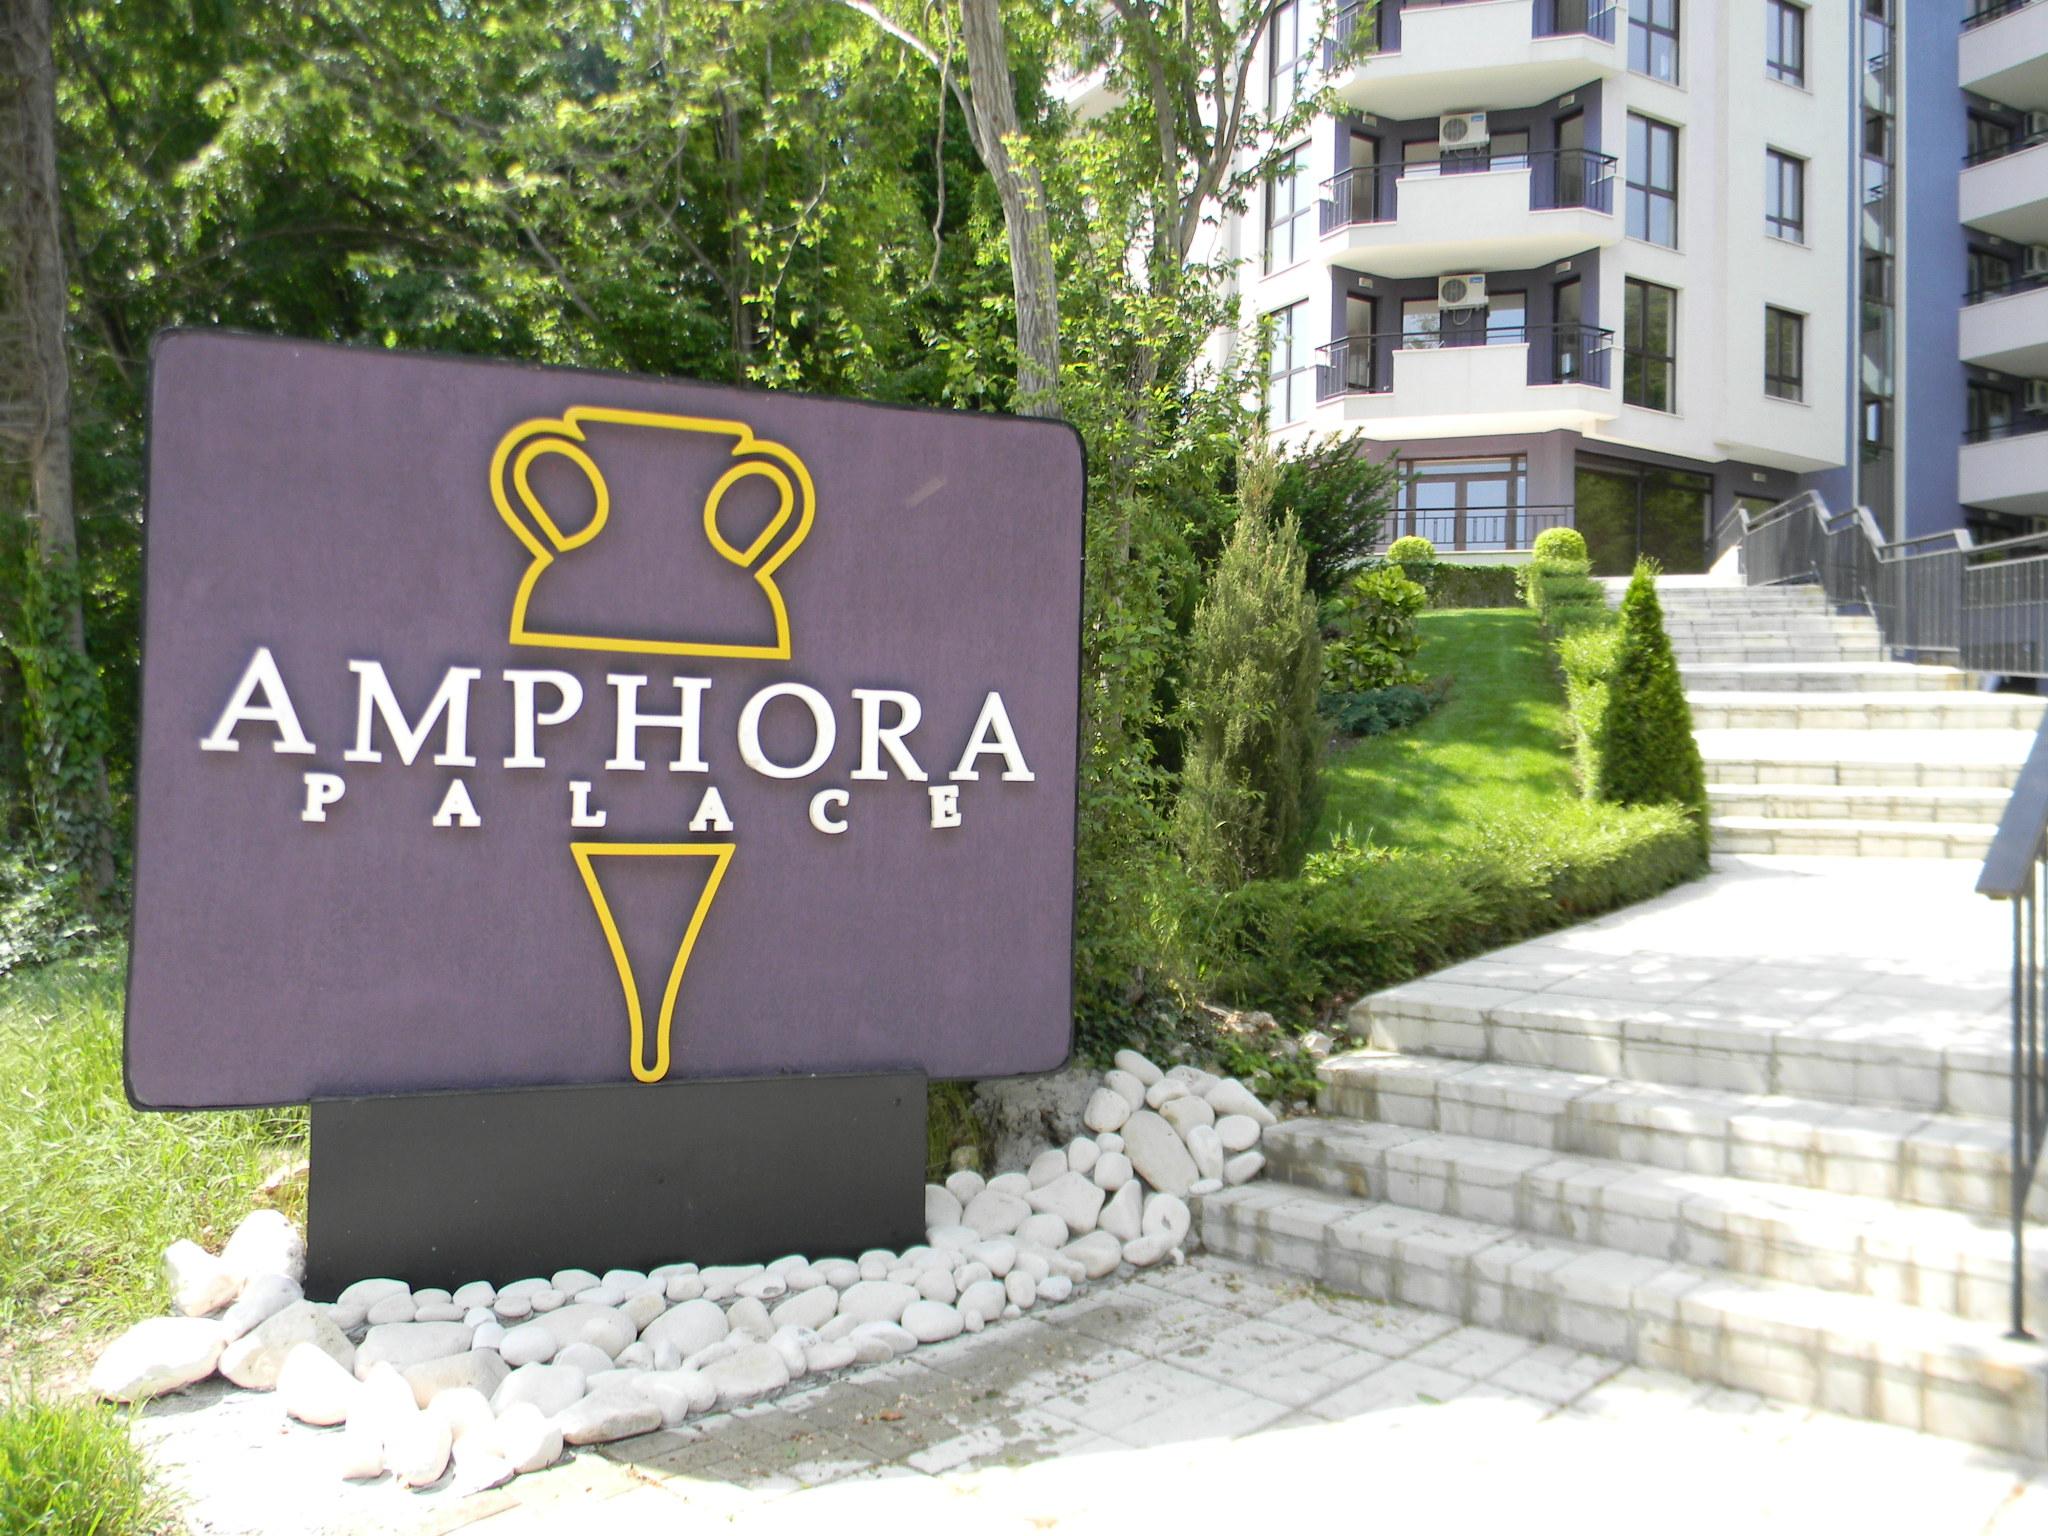 Amphora Palace AH